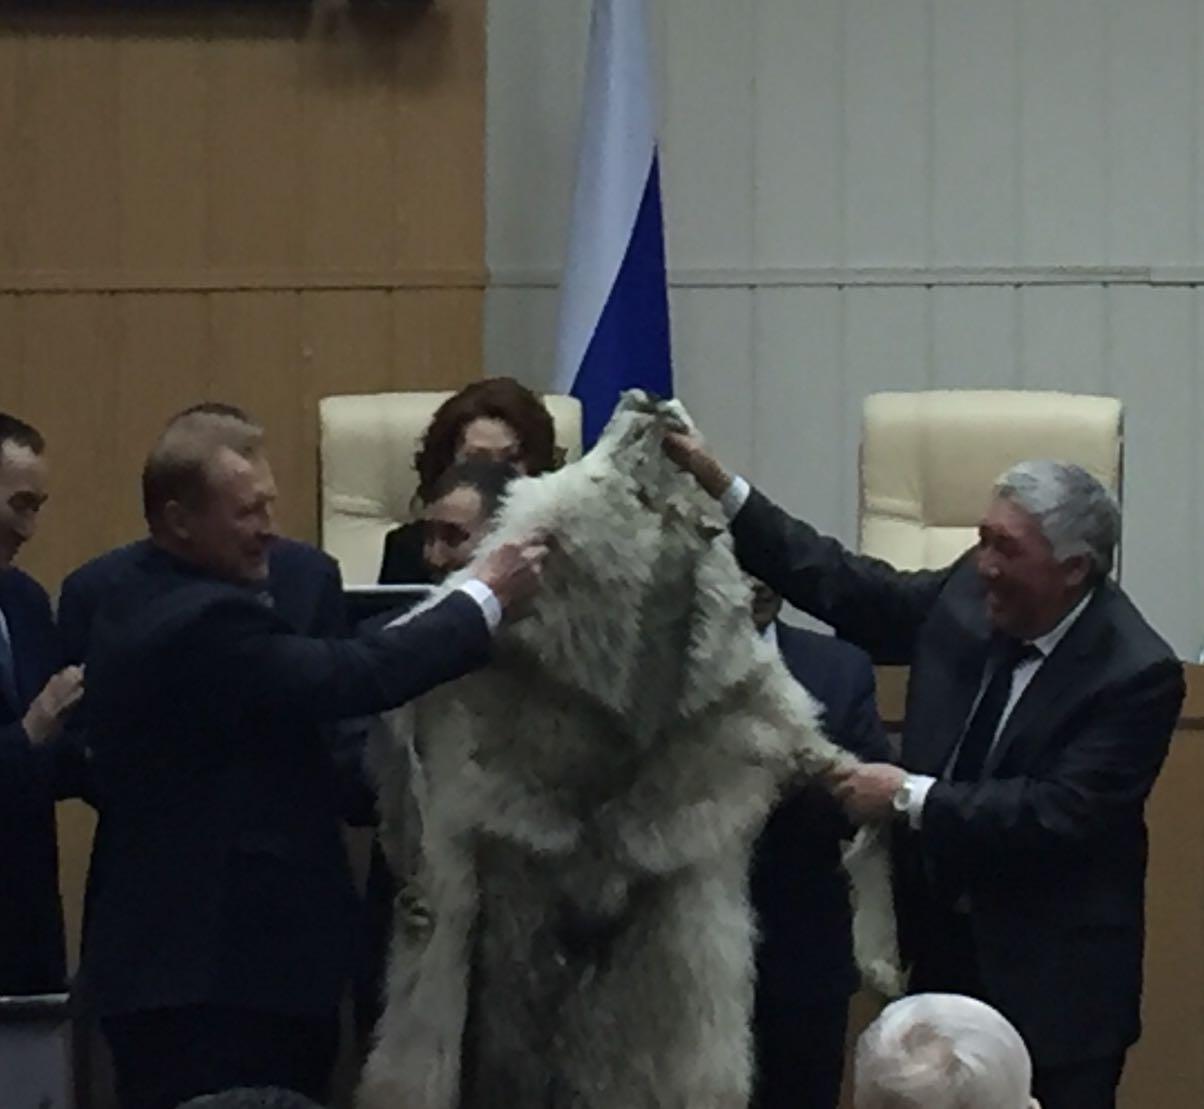 Мандат за волчью шкуру, или в Ил Тумэне объявлена старт-продажа депутатских мест?